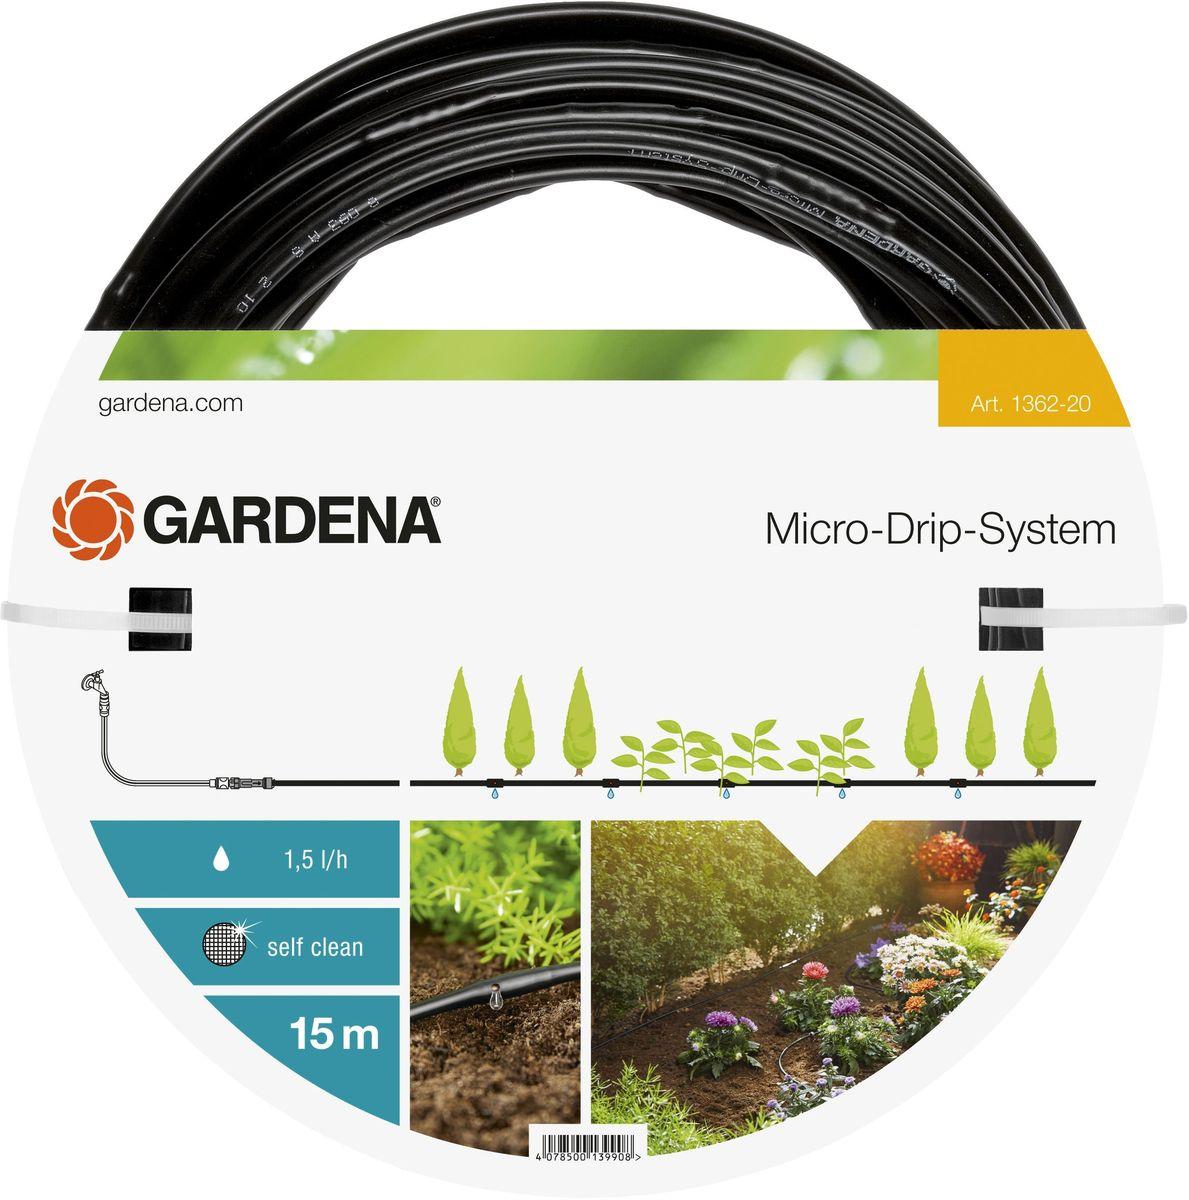 Шланг Gardena, сочащийся, для наземной прокладки, 4,6 мм (3/16), длина 15 м787502Шланг сочащийся Gardena предназначен для полива небольших участков с цветами или овощами, а также для полива посаженных в ряд растений. Расстояние между отверстиями составляет 30 см. Каждая капельница обеспечивает бережный полив с расходом воды 1,5 л/ч. Благодаря использованию инновационной лабиринтной технологии, капельницы являются самоочищающимися. Благодаря небольшому диаметру 4,6 мм (3/16 дюйма) шланг характеризуется особой многофункциональностью и простотой монтажа. При помещении мастер-блока в центре с помощью такого шланга можно увеличить длину базового комплекта, максимальная длина шланга при этом составит 30 м.Шланг сочащийся имеет длину 15 м и поставляется без соединительных элементов.